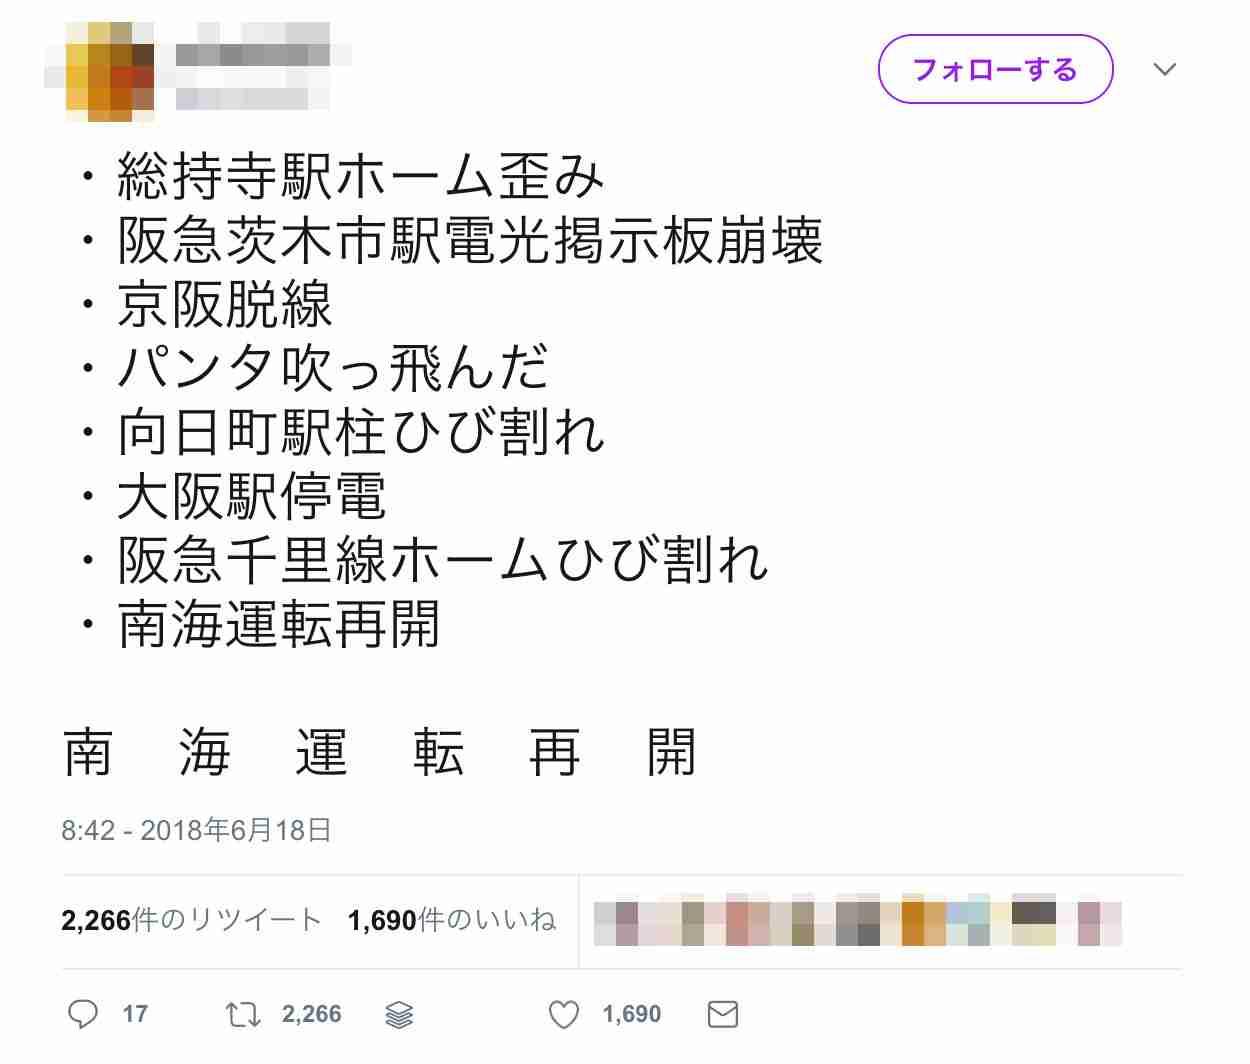 大阪で震度6弱 「京阪脱線」の情報広がるもソースなし